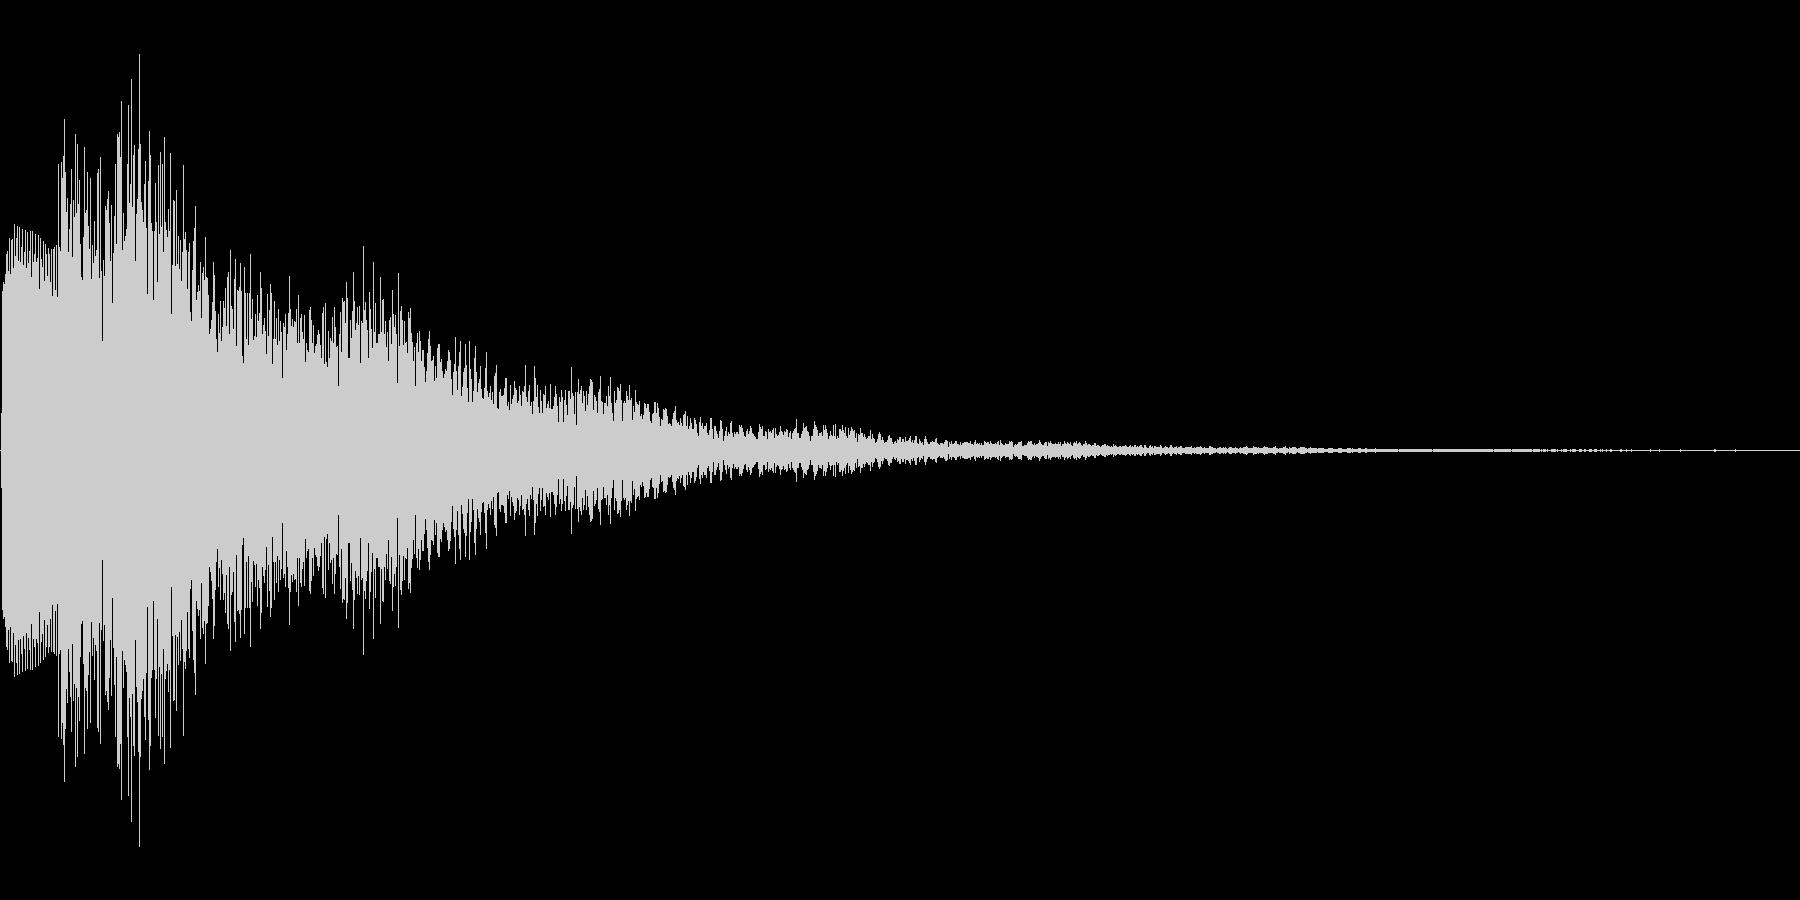 華やかなゲームの決定音の未再生の波形